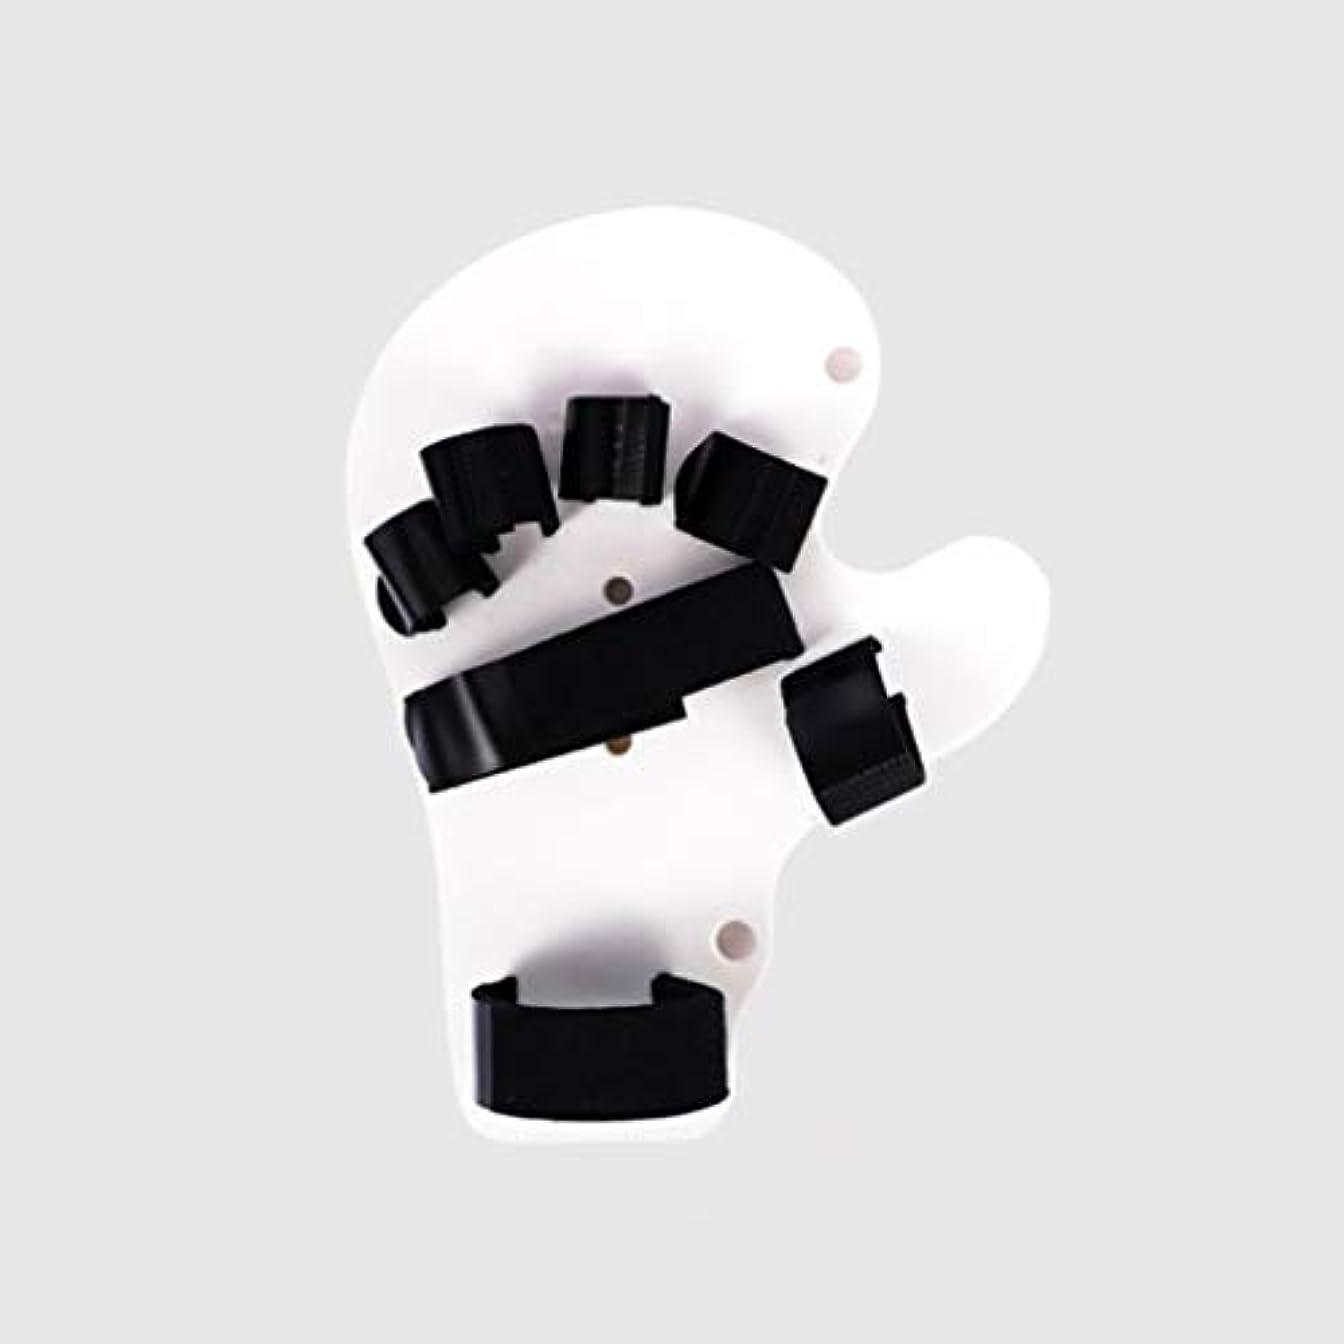 アクティビティビット発明プロテクターフィンガークッショントリガーフィンガーマレットフィンガーフィンガーナックル固定化指骨折創傷フィンガーエクステンションスプリント,白